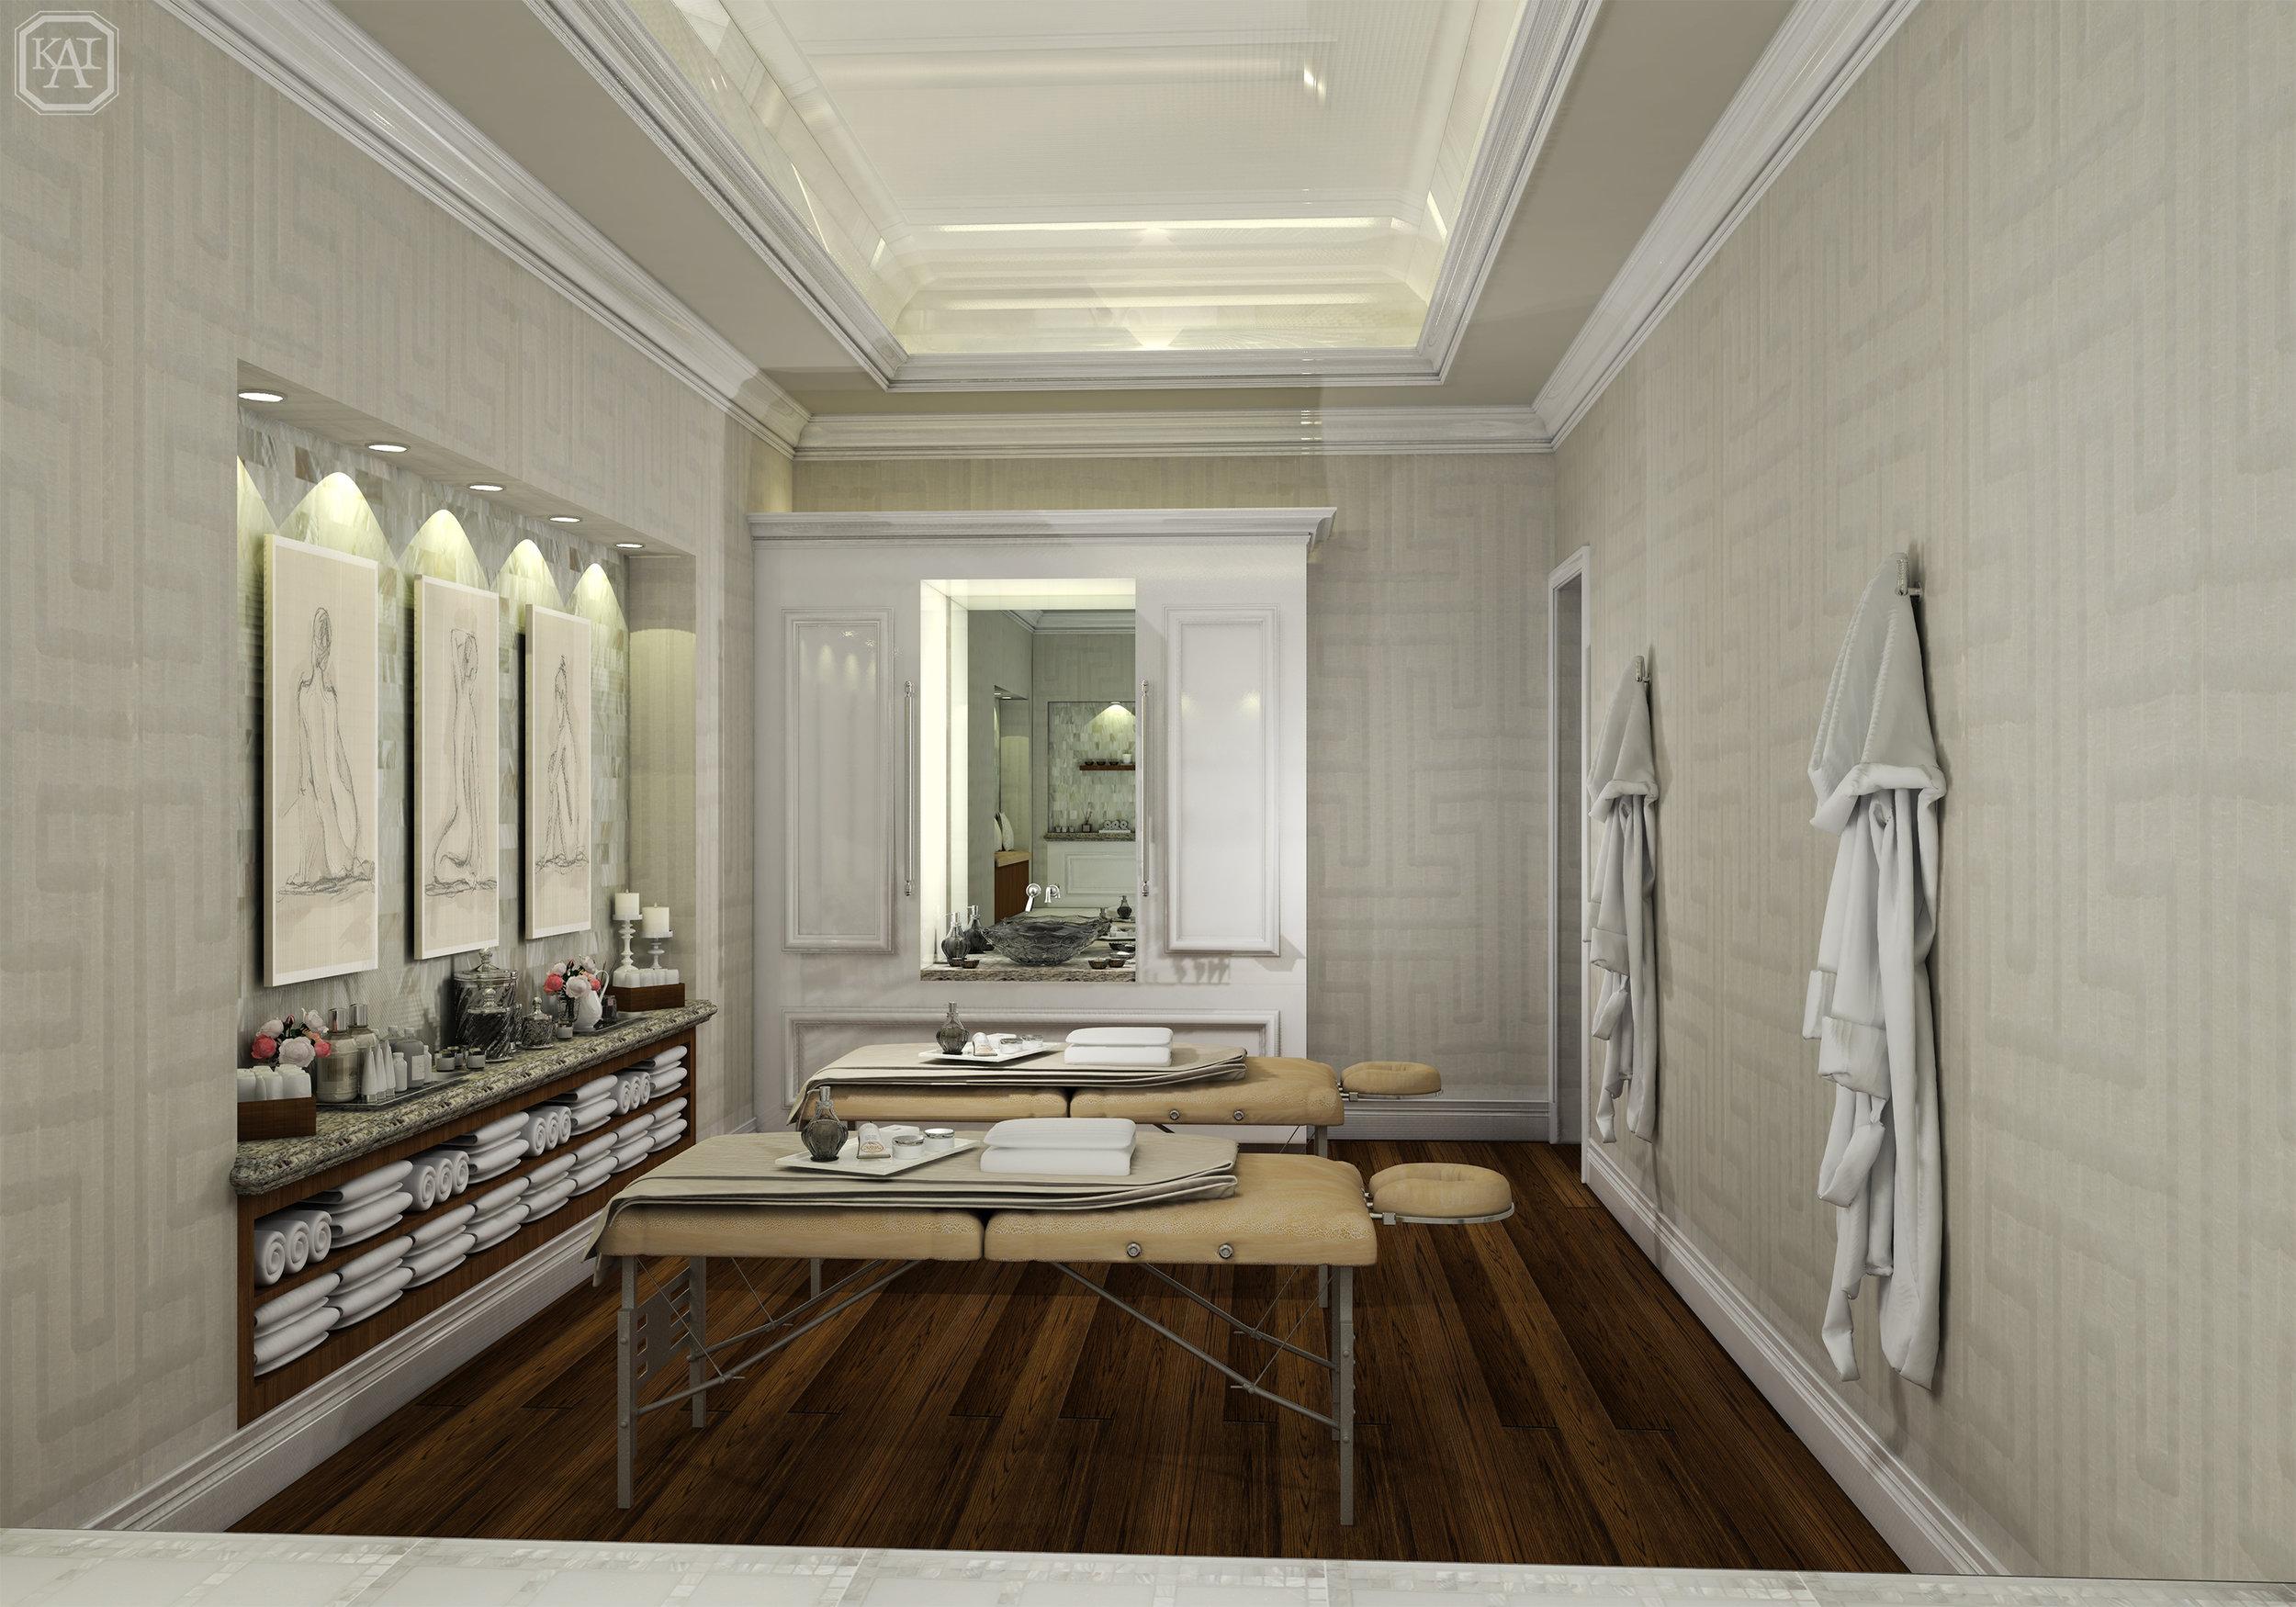 final massage room sink rendeR_FOR WEBSITE 2.jpg